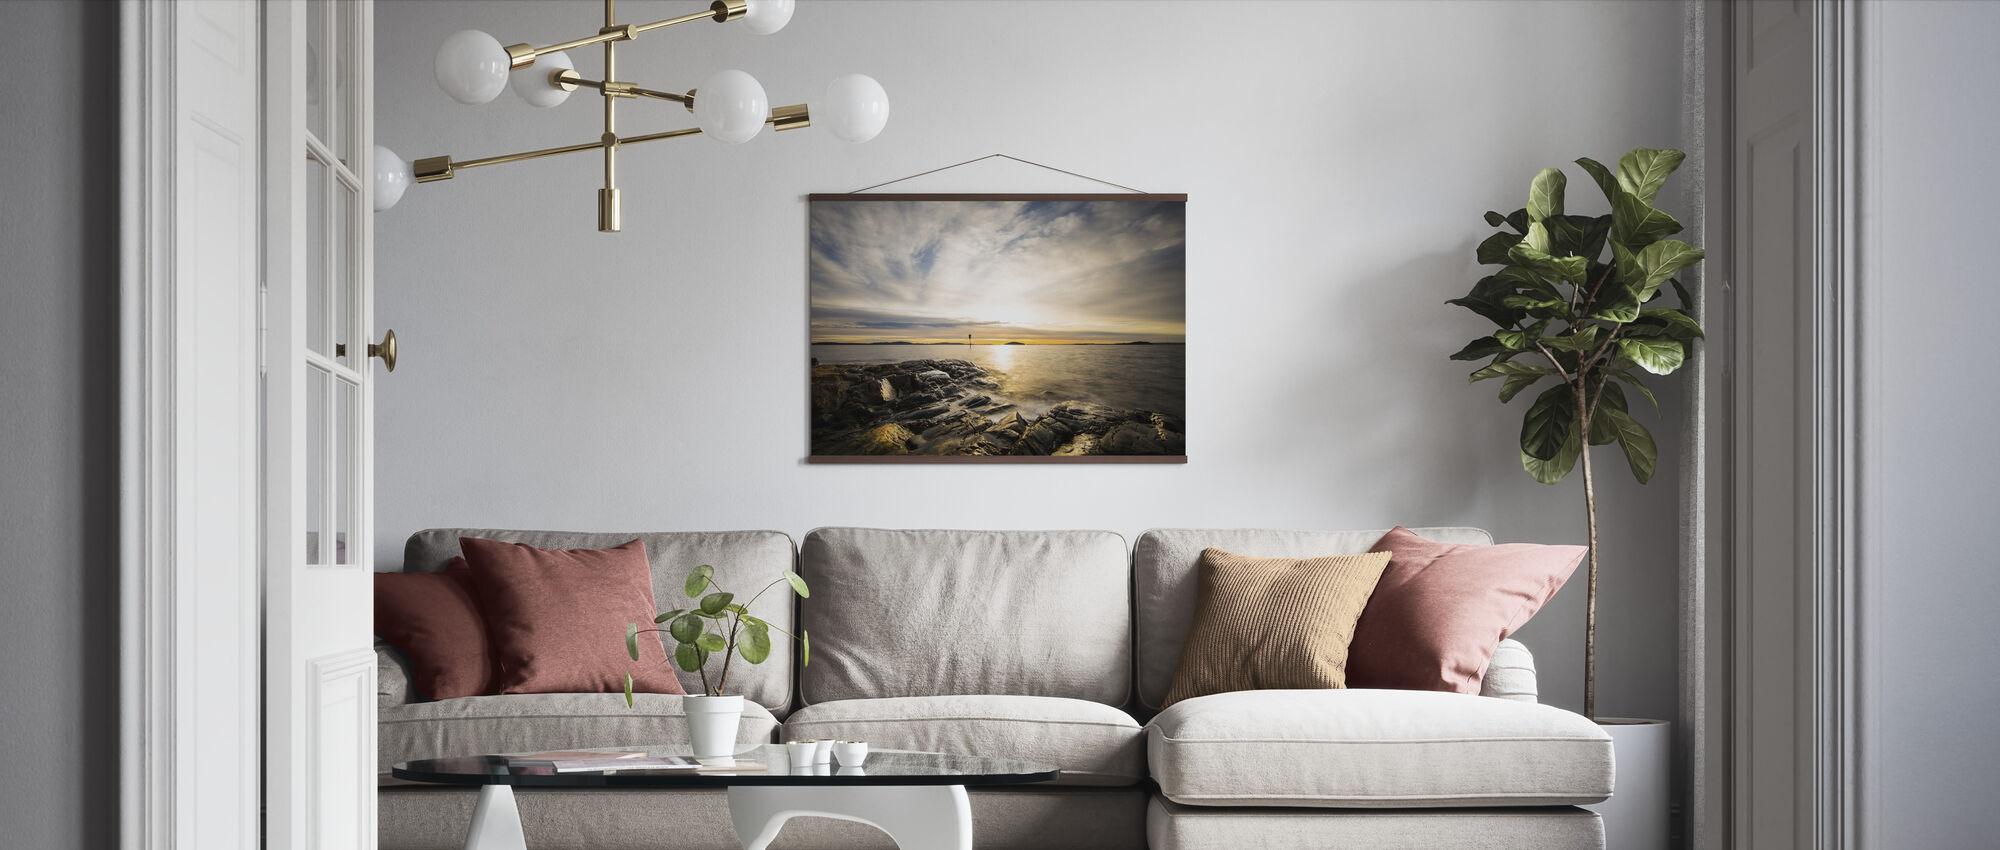 Wintersonnenuntergang - Poster - Wohnzimmer